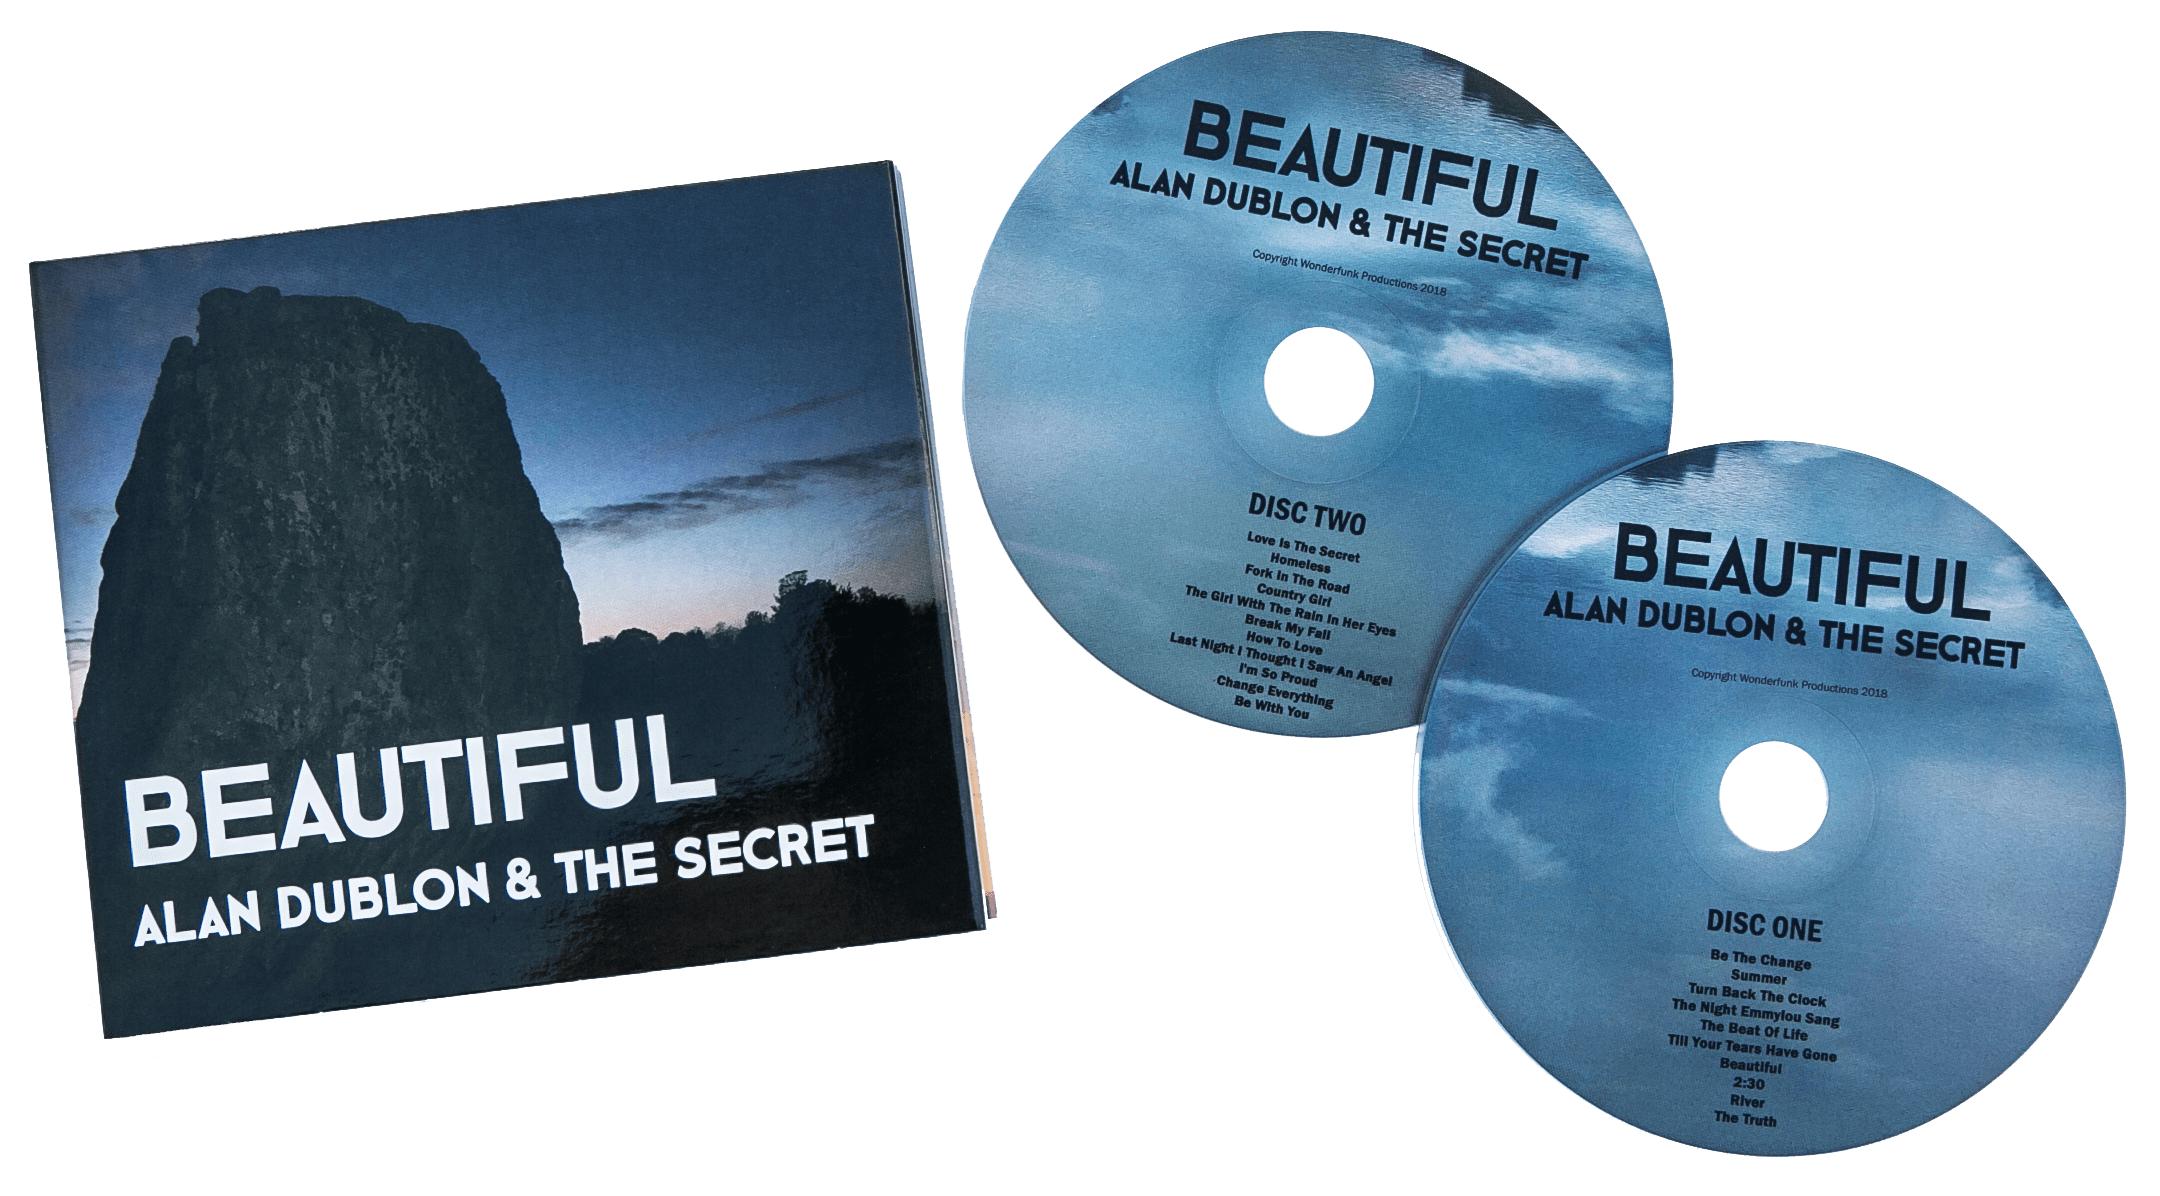 Alan Dublon & The Secret Double CD.png